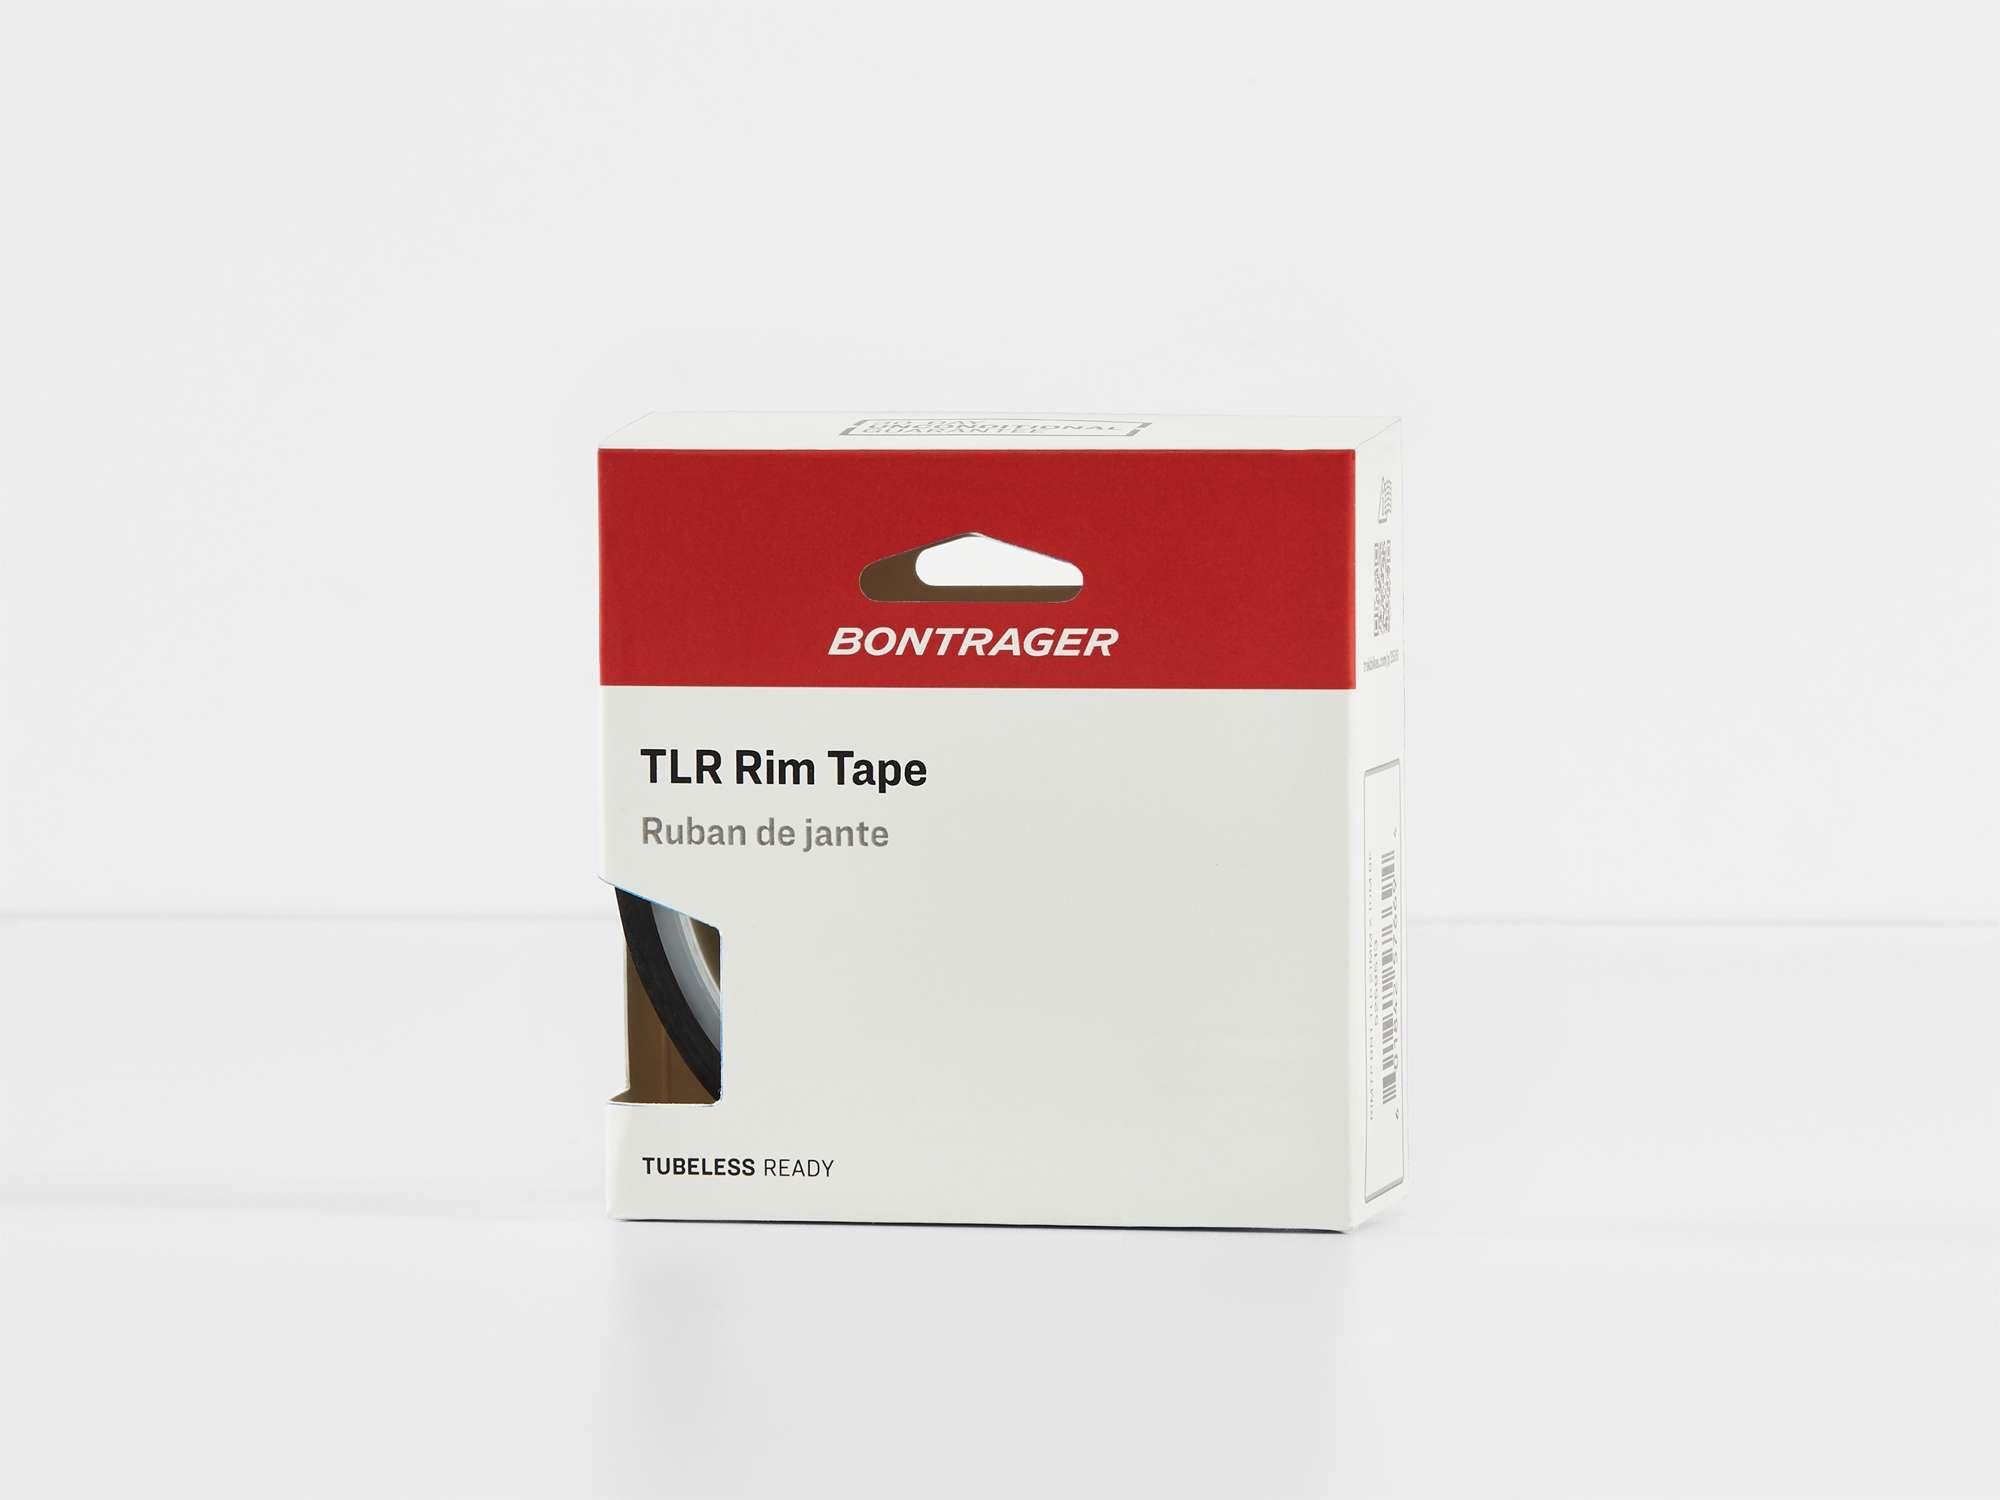 Cinta de llanta Bontrager TLR ancho 23 mm x largo 10 m negro